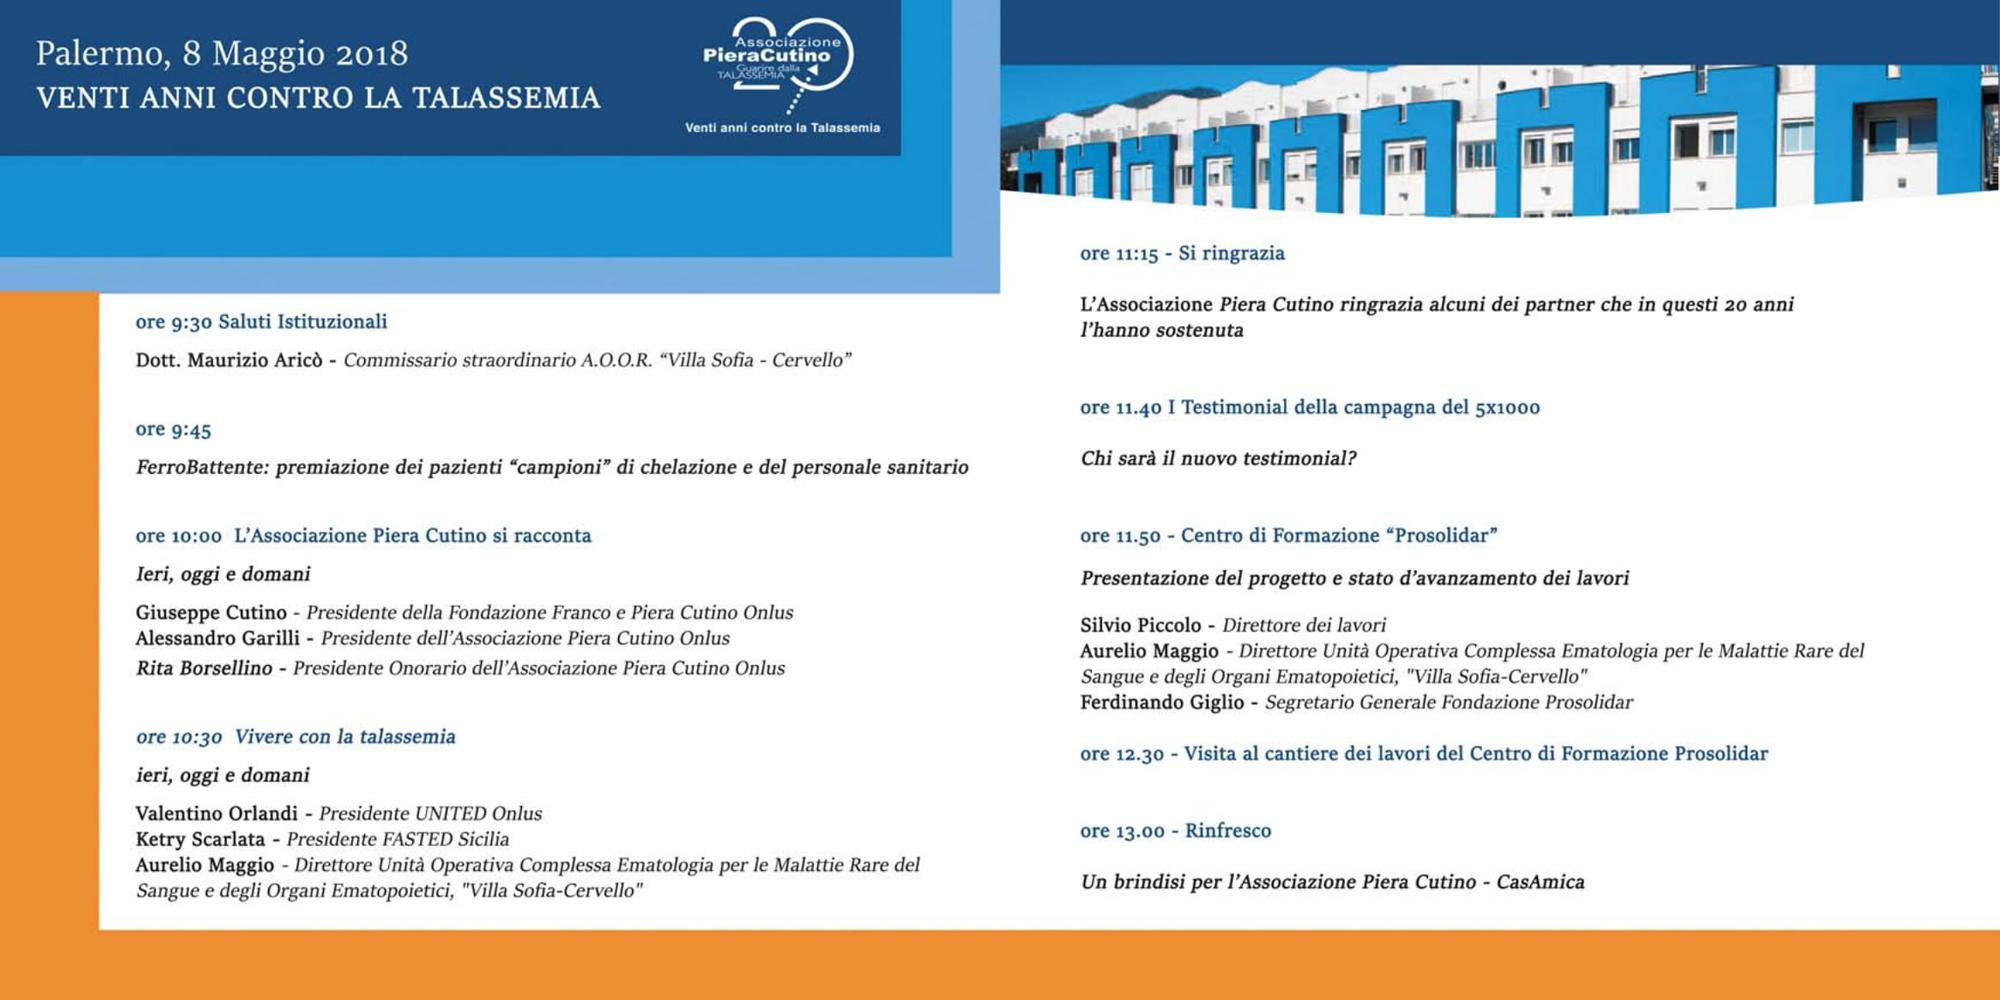 Venti anni contro la Talassemia | Programma - Palermo, 8 maggio 2018